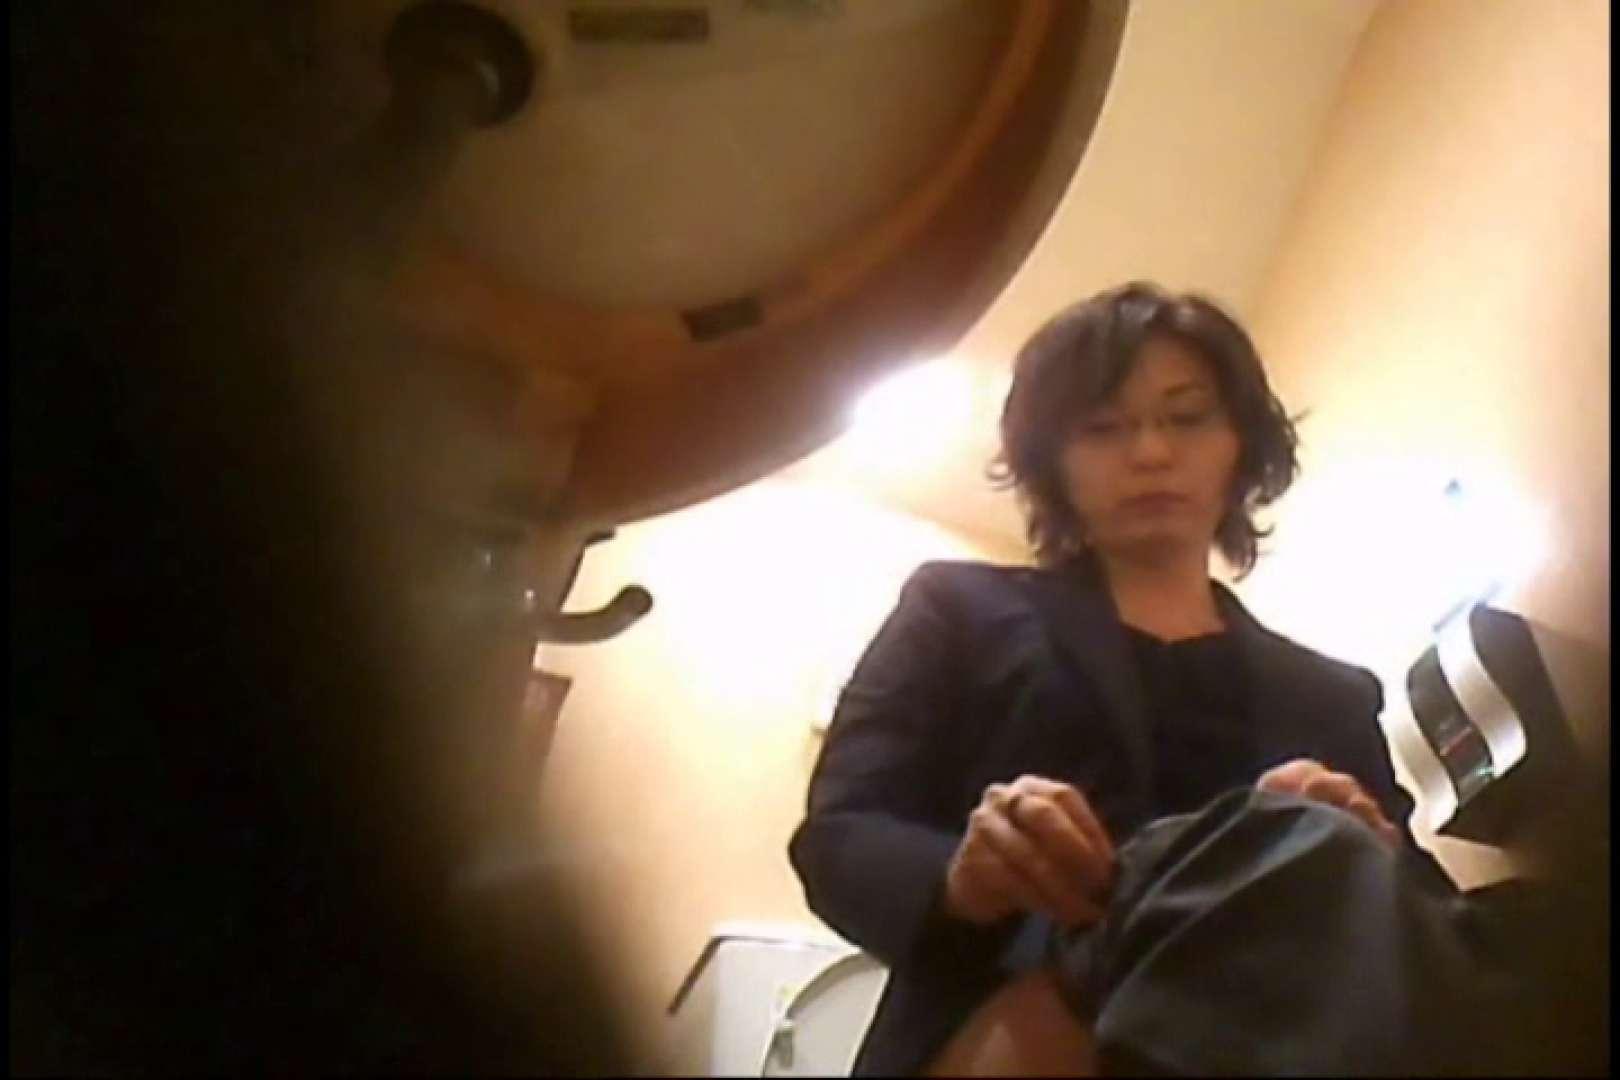 画質向上!新亀さん厠 vol.31 OLすけべ画像 われめAV動画紹介 81連発 50